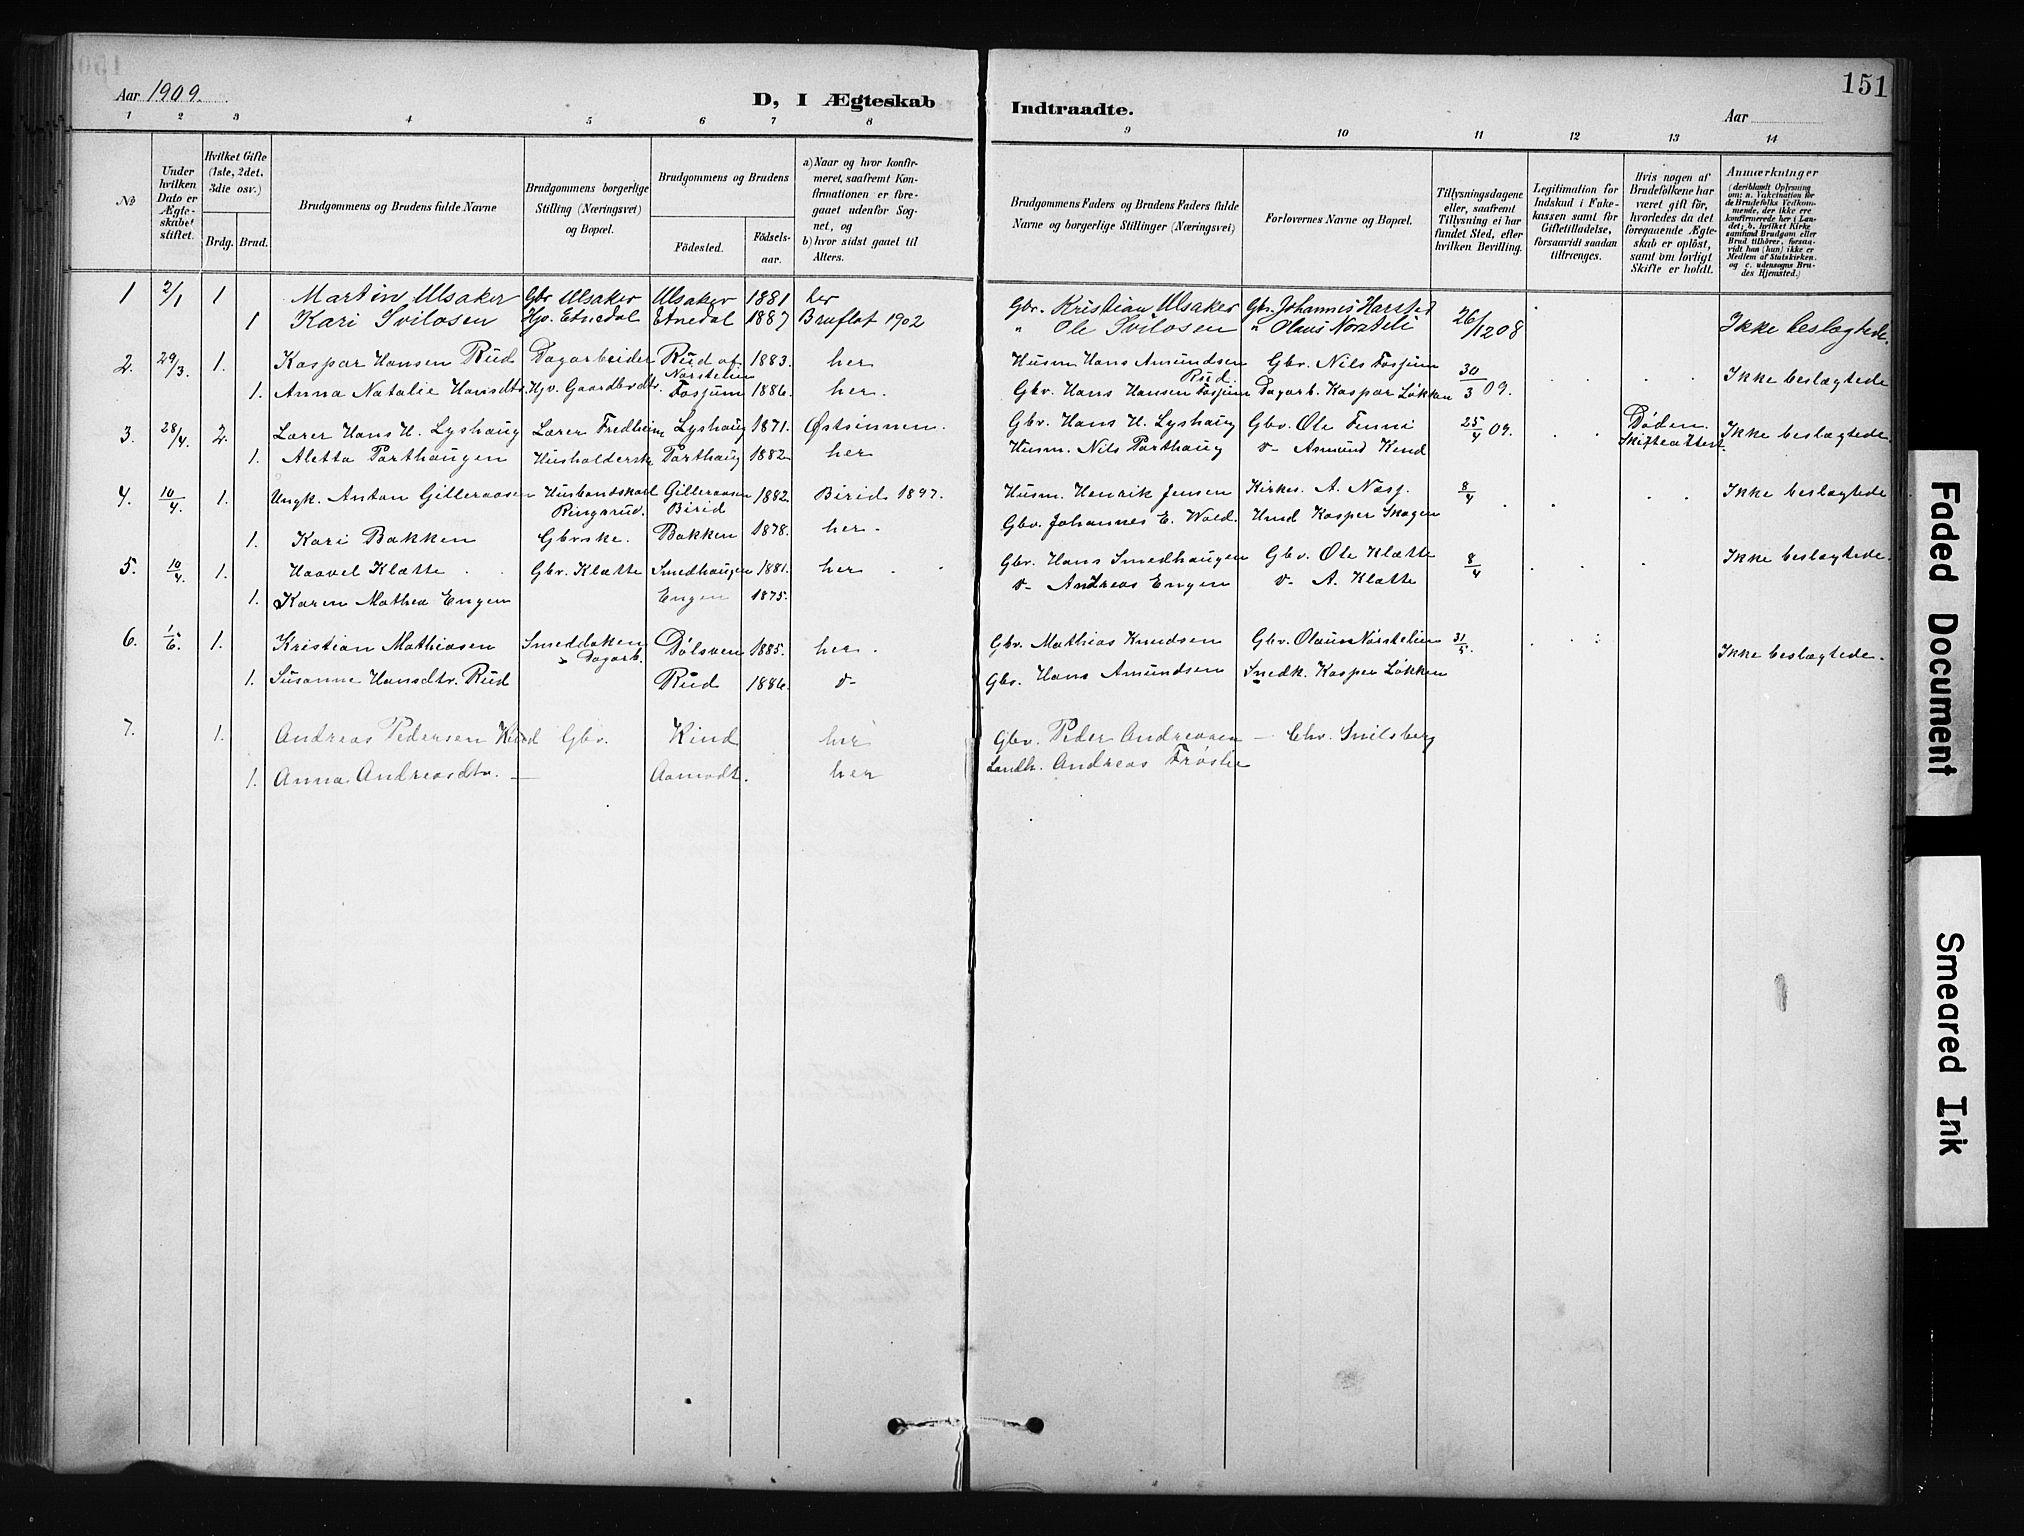 SAH, Nordre Land prestekontor, Klokkerbok nr. 12, 1891-1909, s. 151